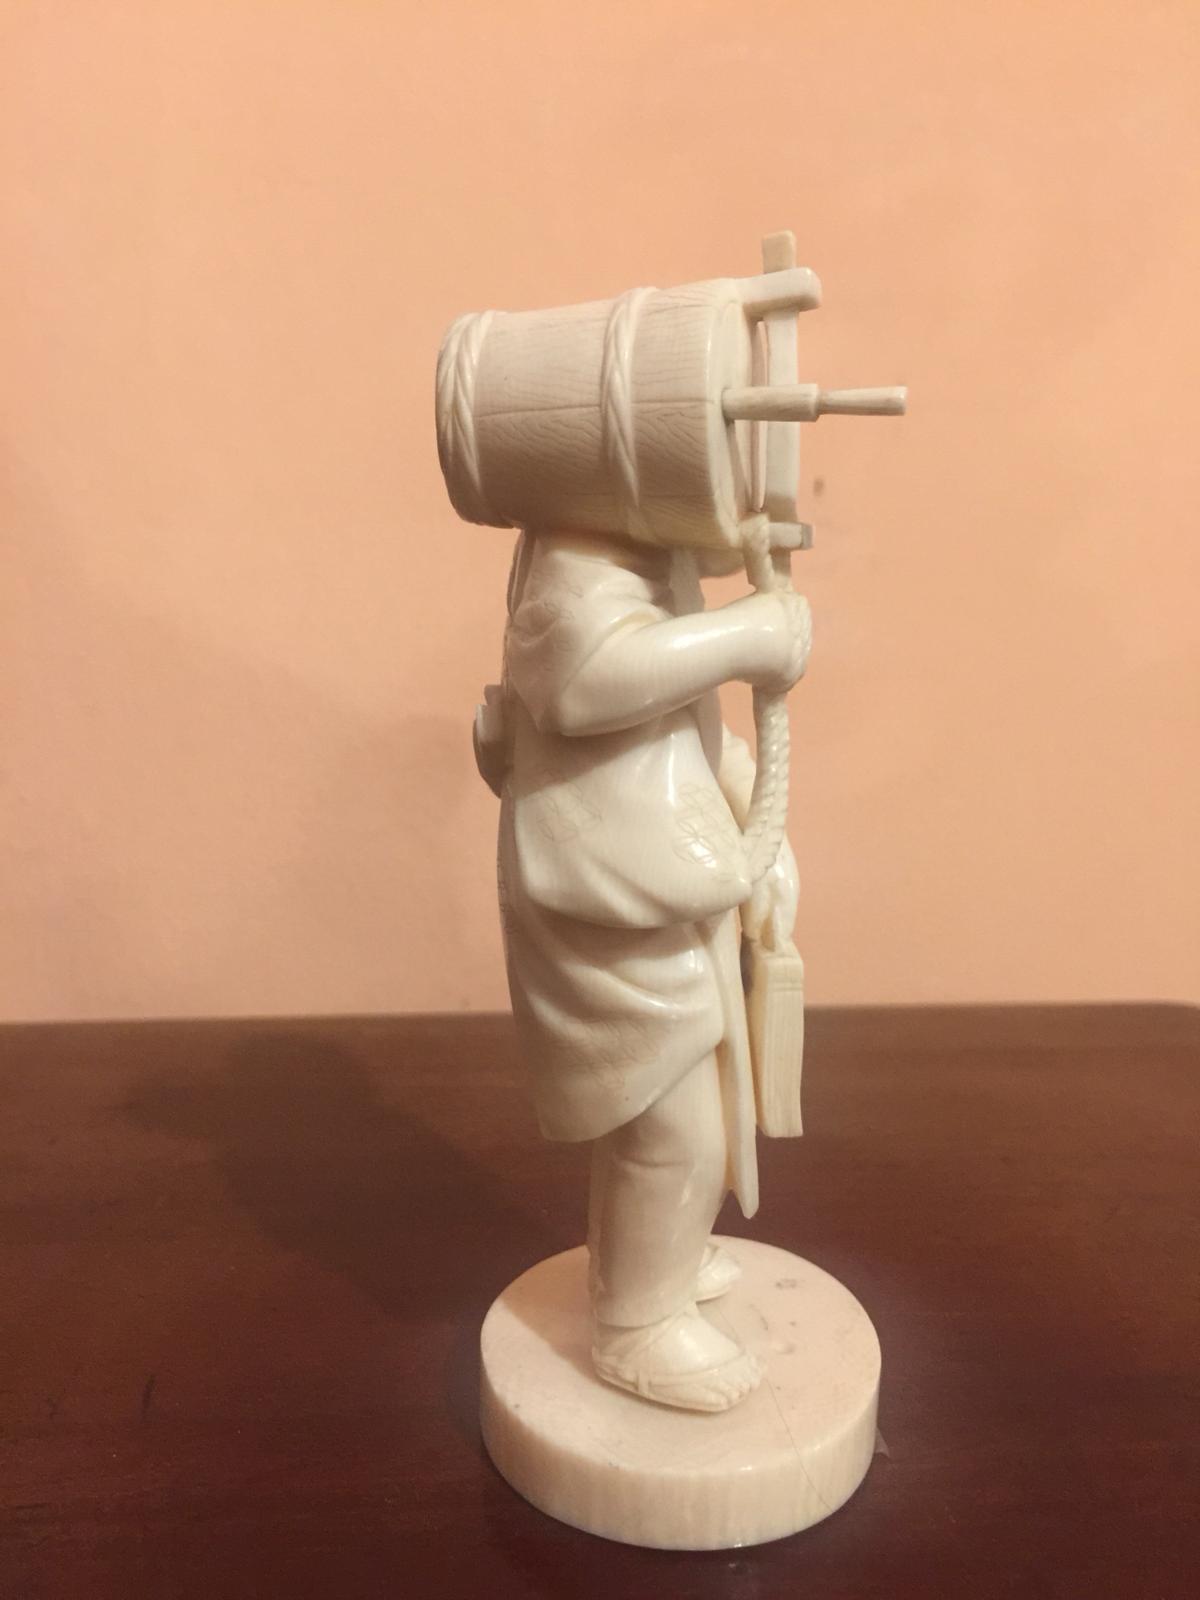 thumb4|Statuetta in avorio, contadino orientale, fine '800